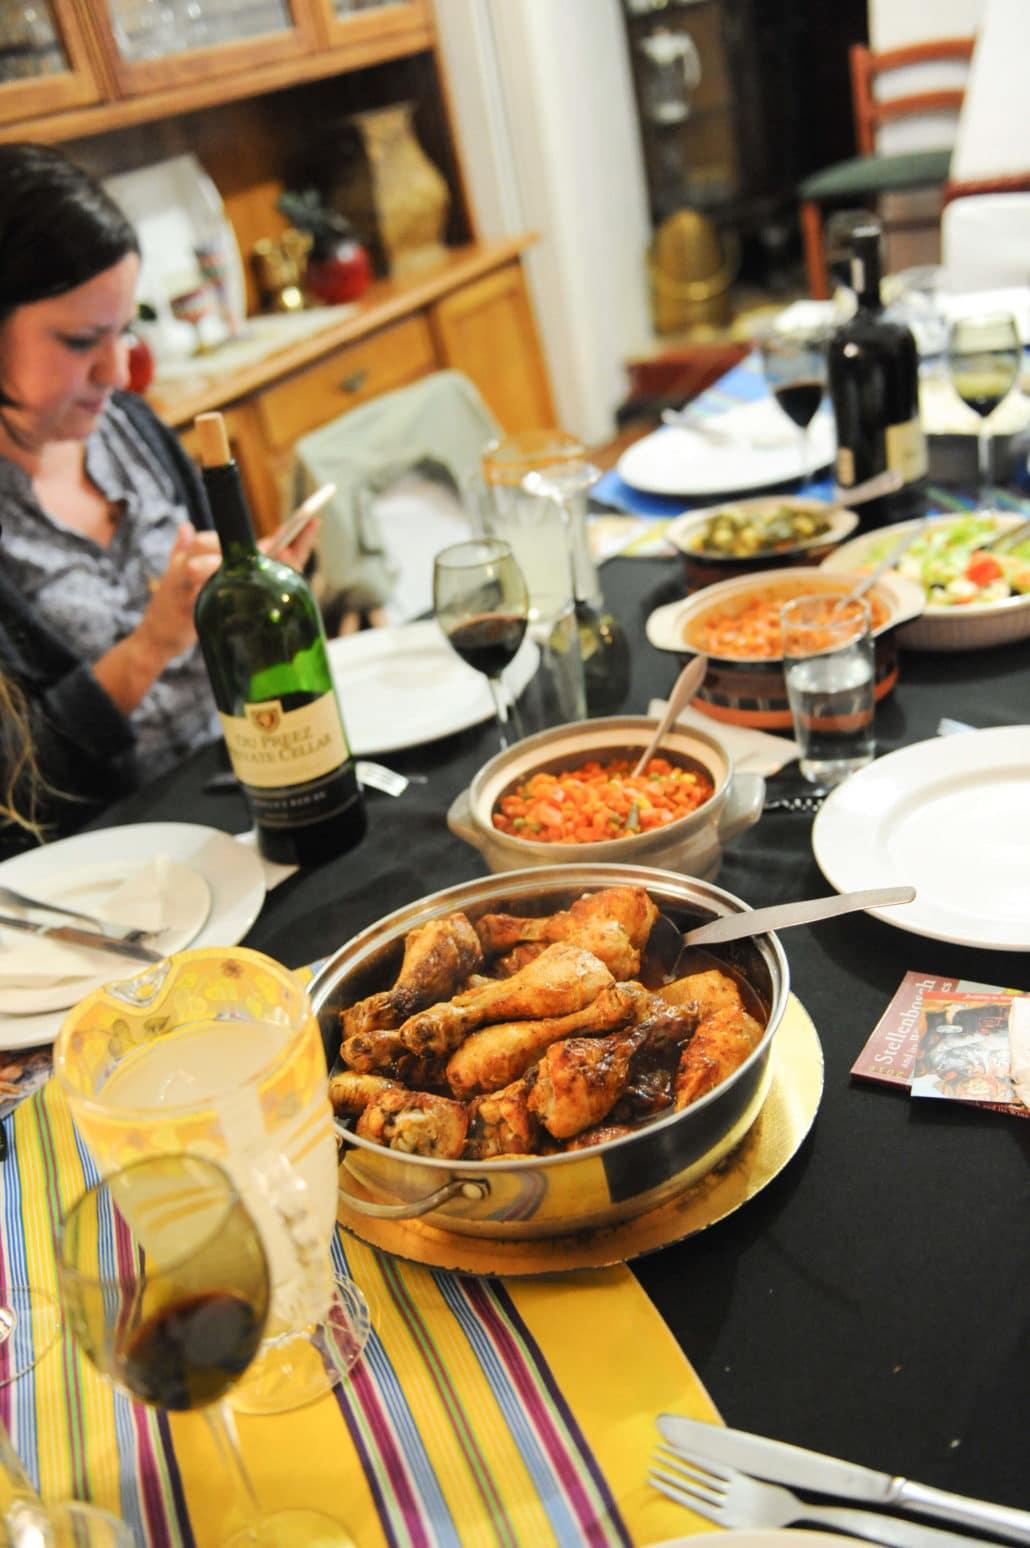 Nocawe's prepared meal